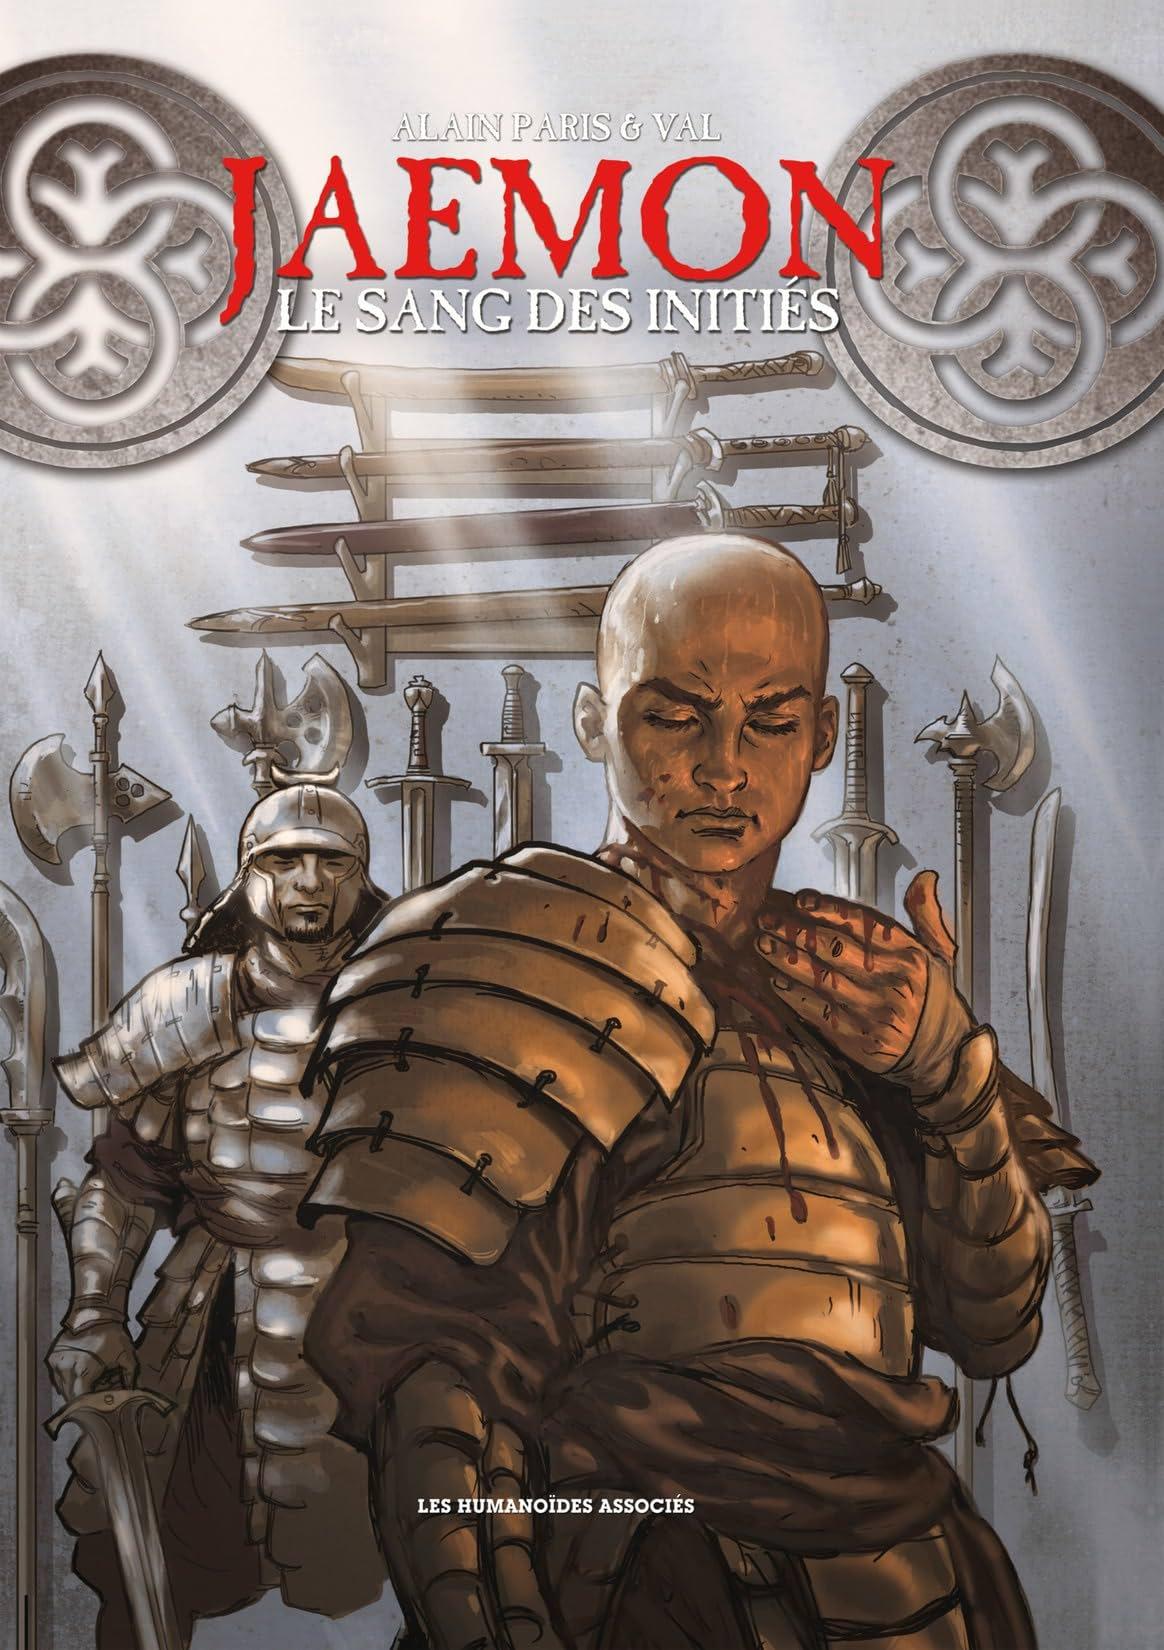 Jaemon Tome 2: Le Sang des initiés